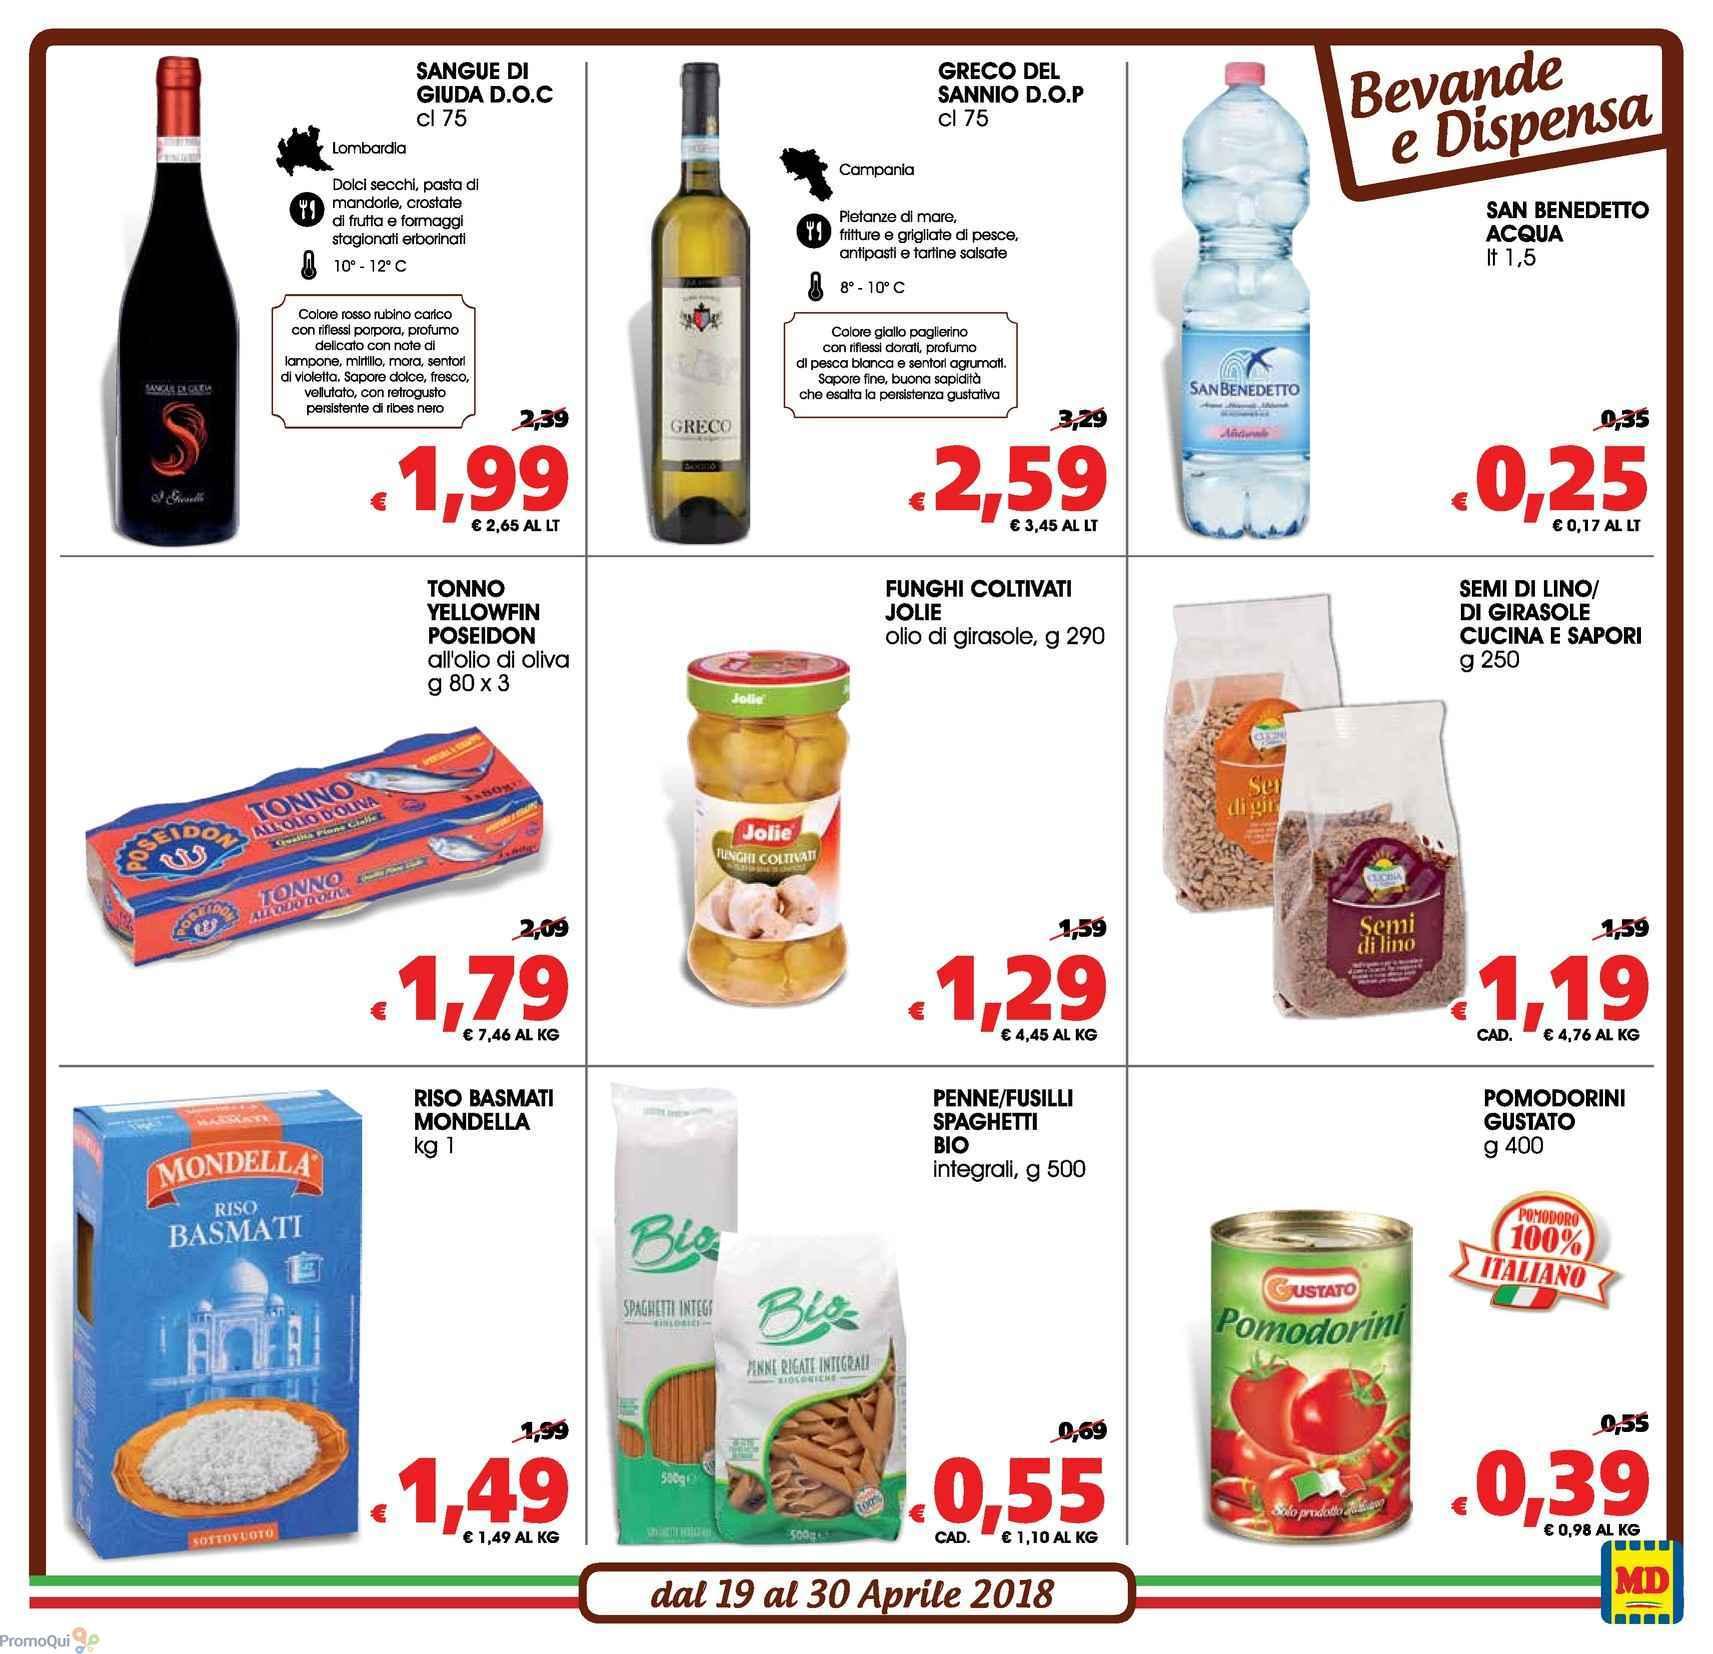 Md Discount Offerte Volantino. Offerte Surimi Nella Volantino Di Md ...